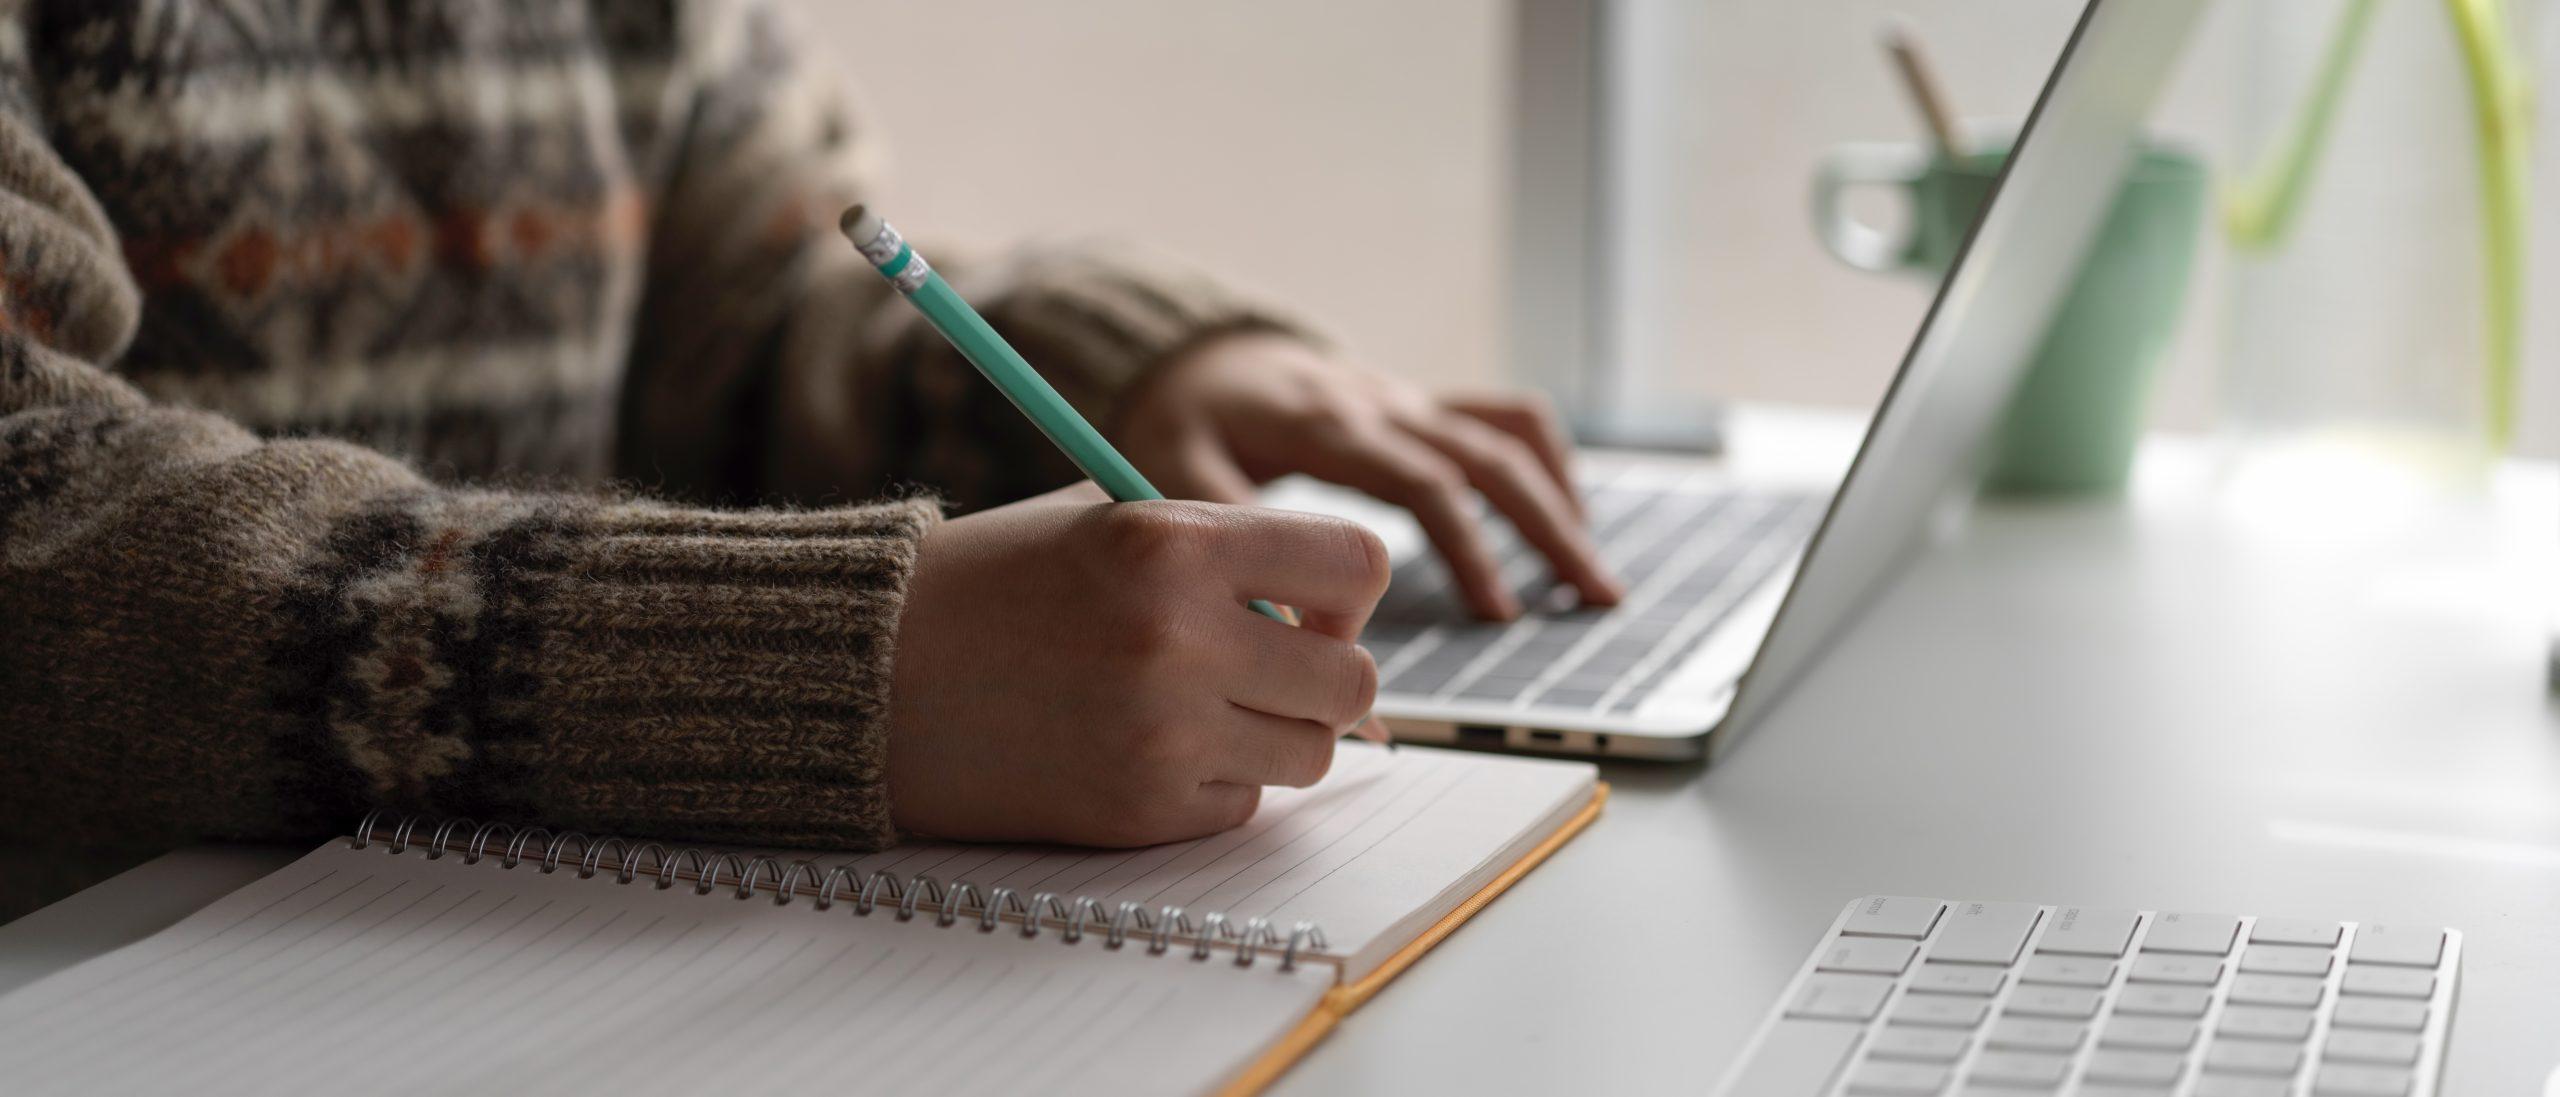 Ik werk vanuit huis als tekstschrijver